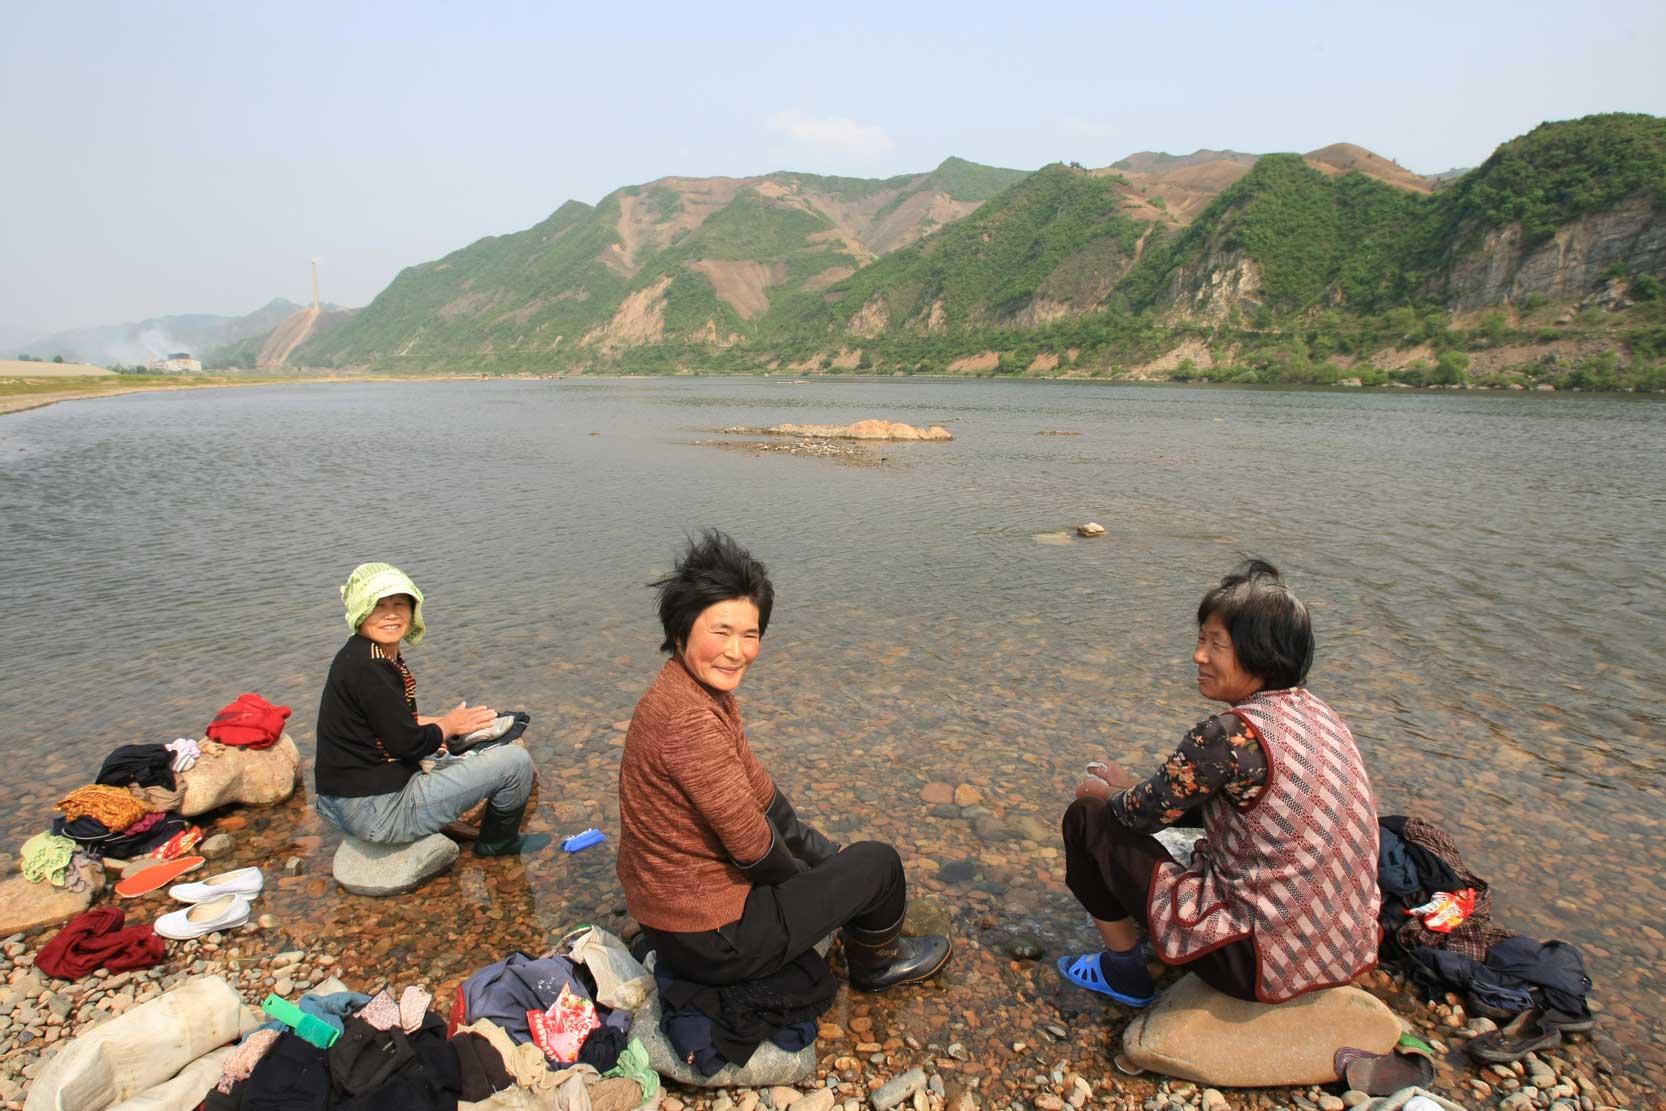 世界遺産のまち、集安~のどかな鴨緑江沿いの風景_b0235153_13281348.jpg